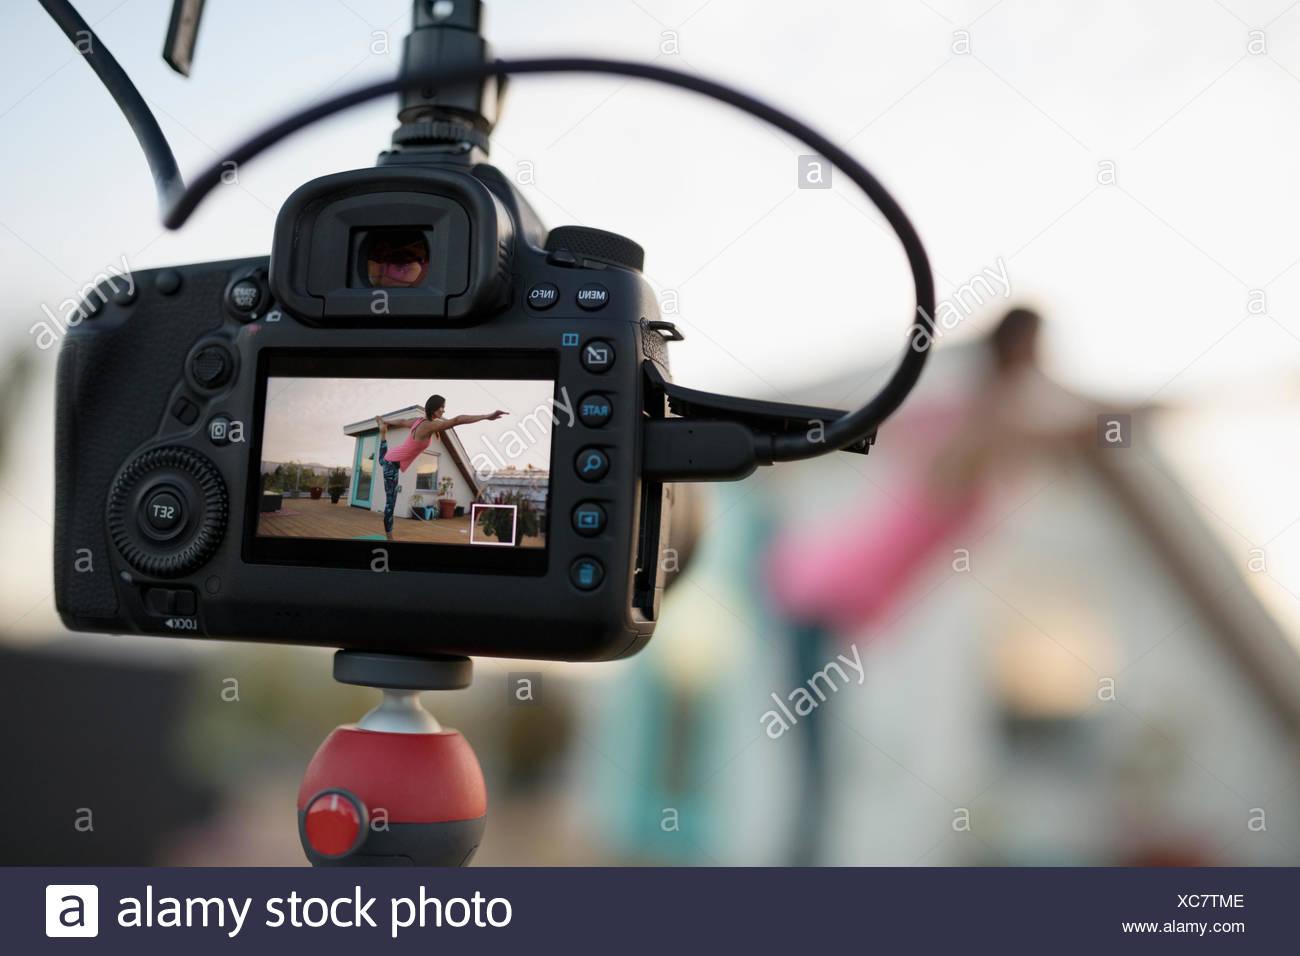 Vista attraverso il mirino della fotocamera femminile di istruttore yoga di filmare re posizione del signore della danza Immagini Stock